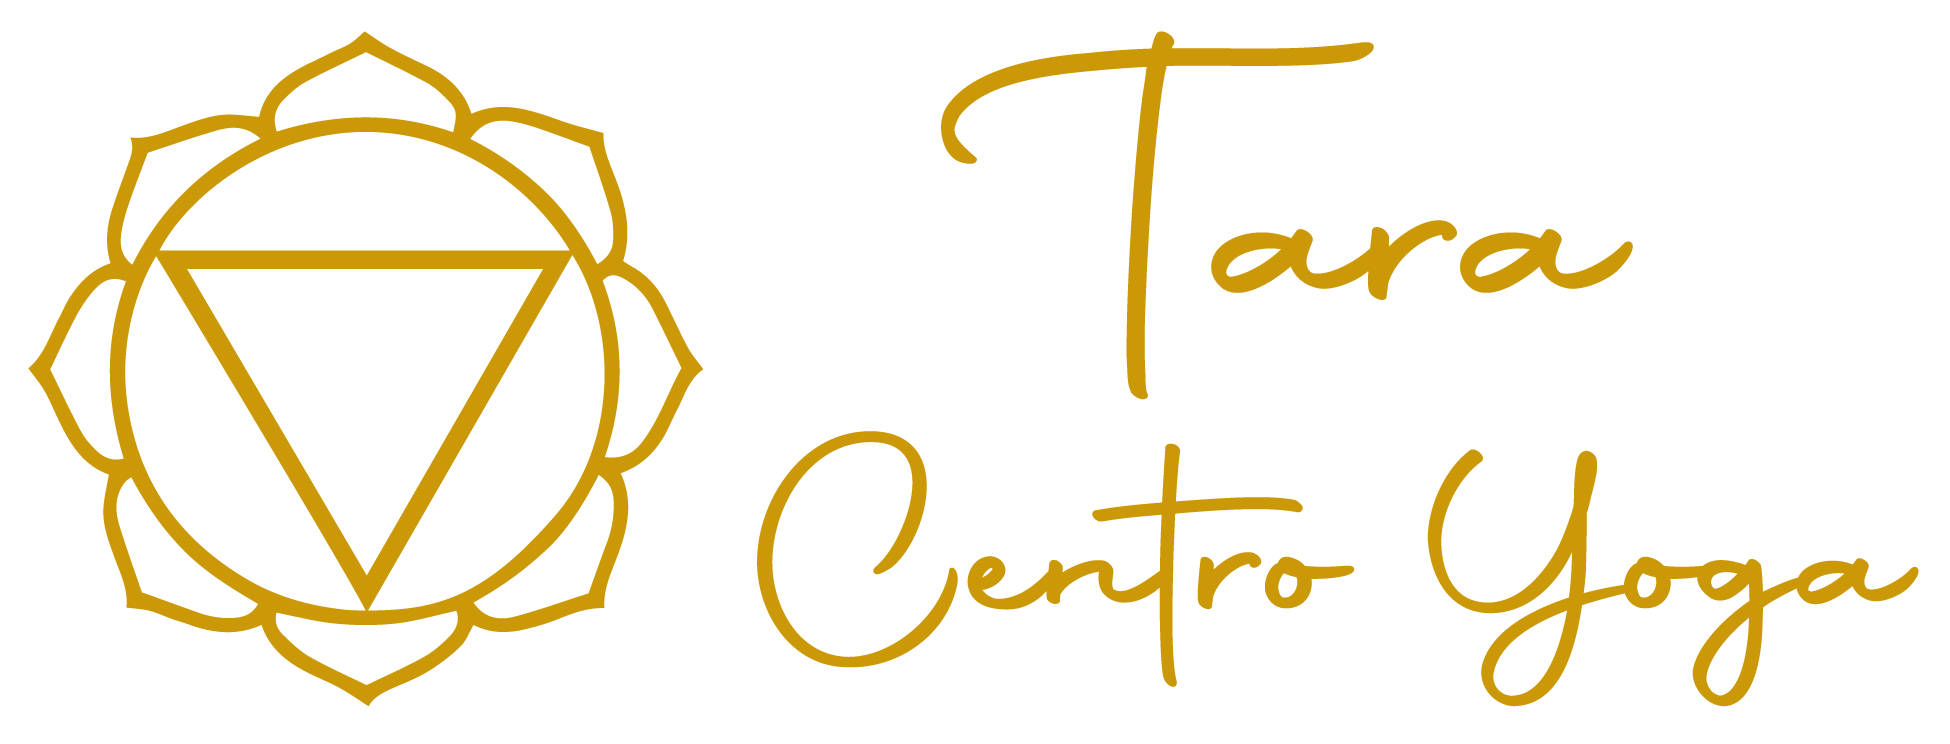 Tara Centro Yoga - Corsi di Yoga a Modena